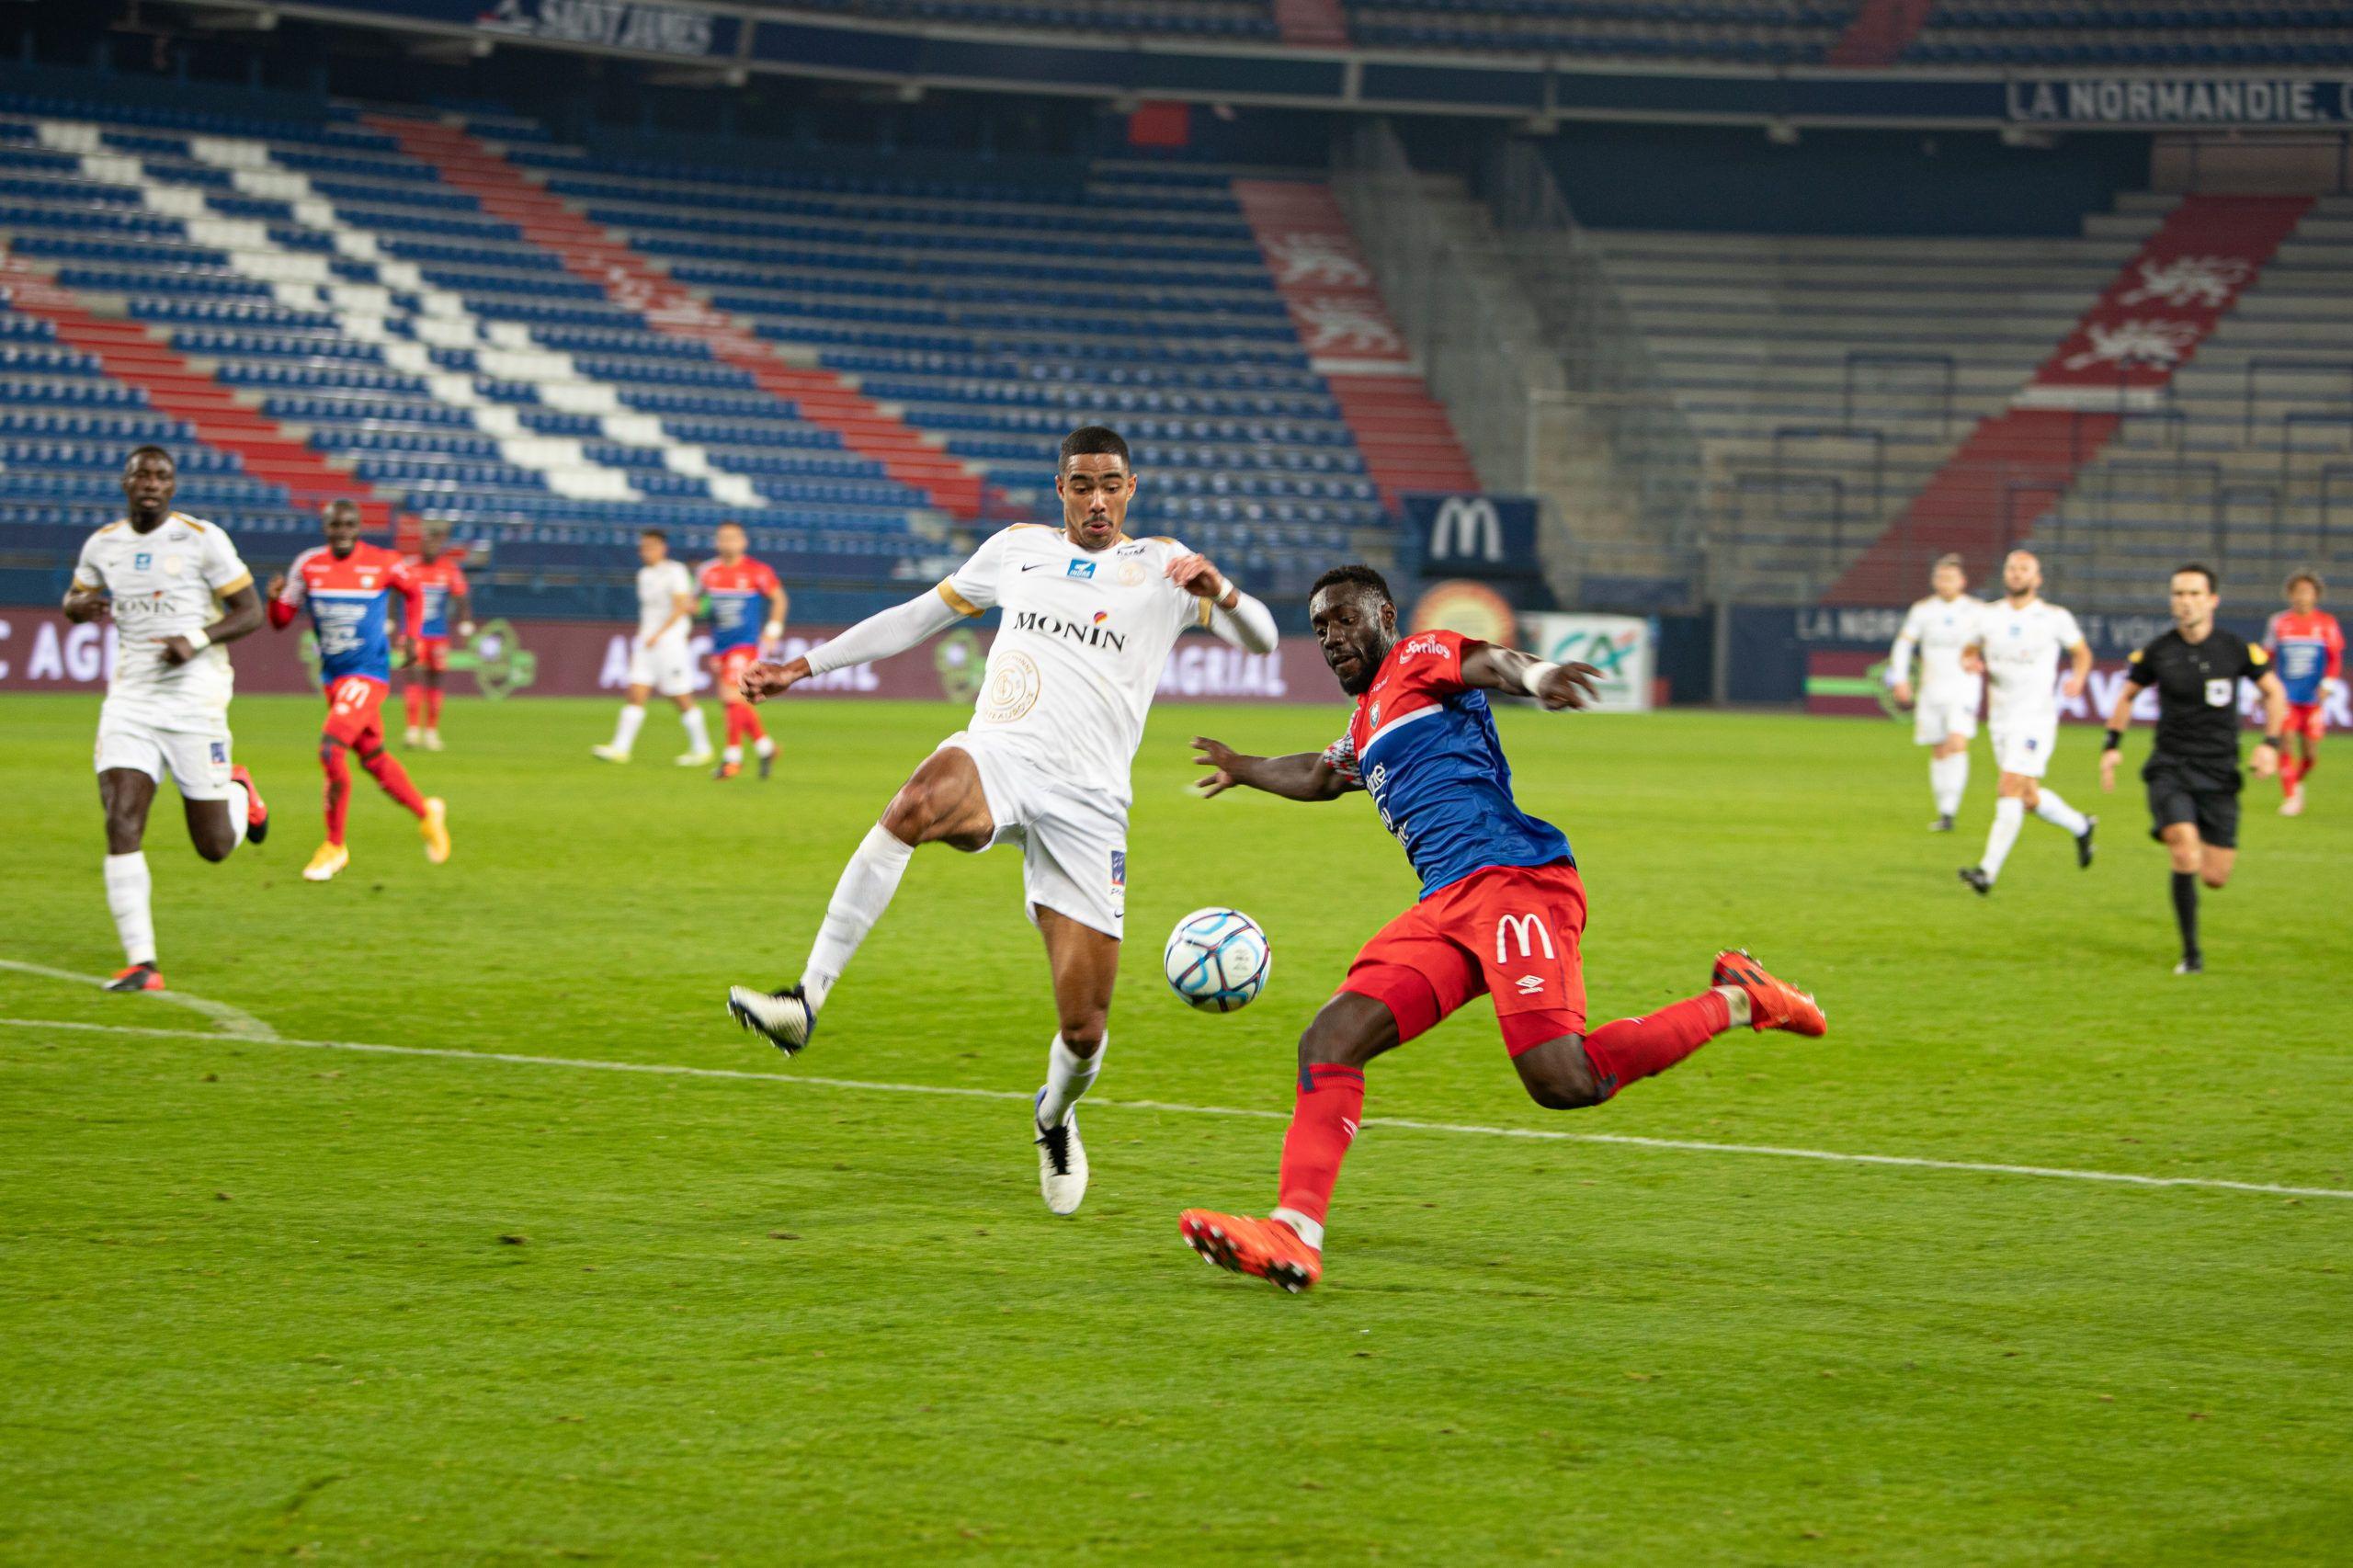 Les notes des joueurs caennais face à Châteauroux (1-1)